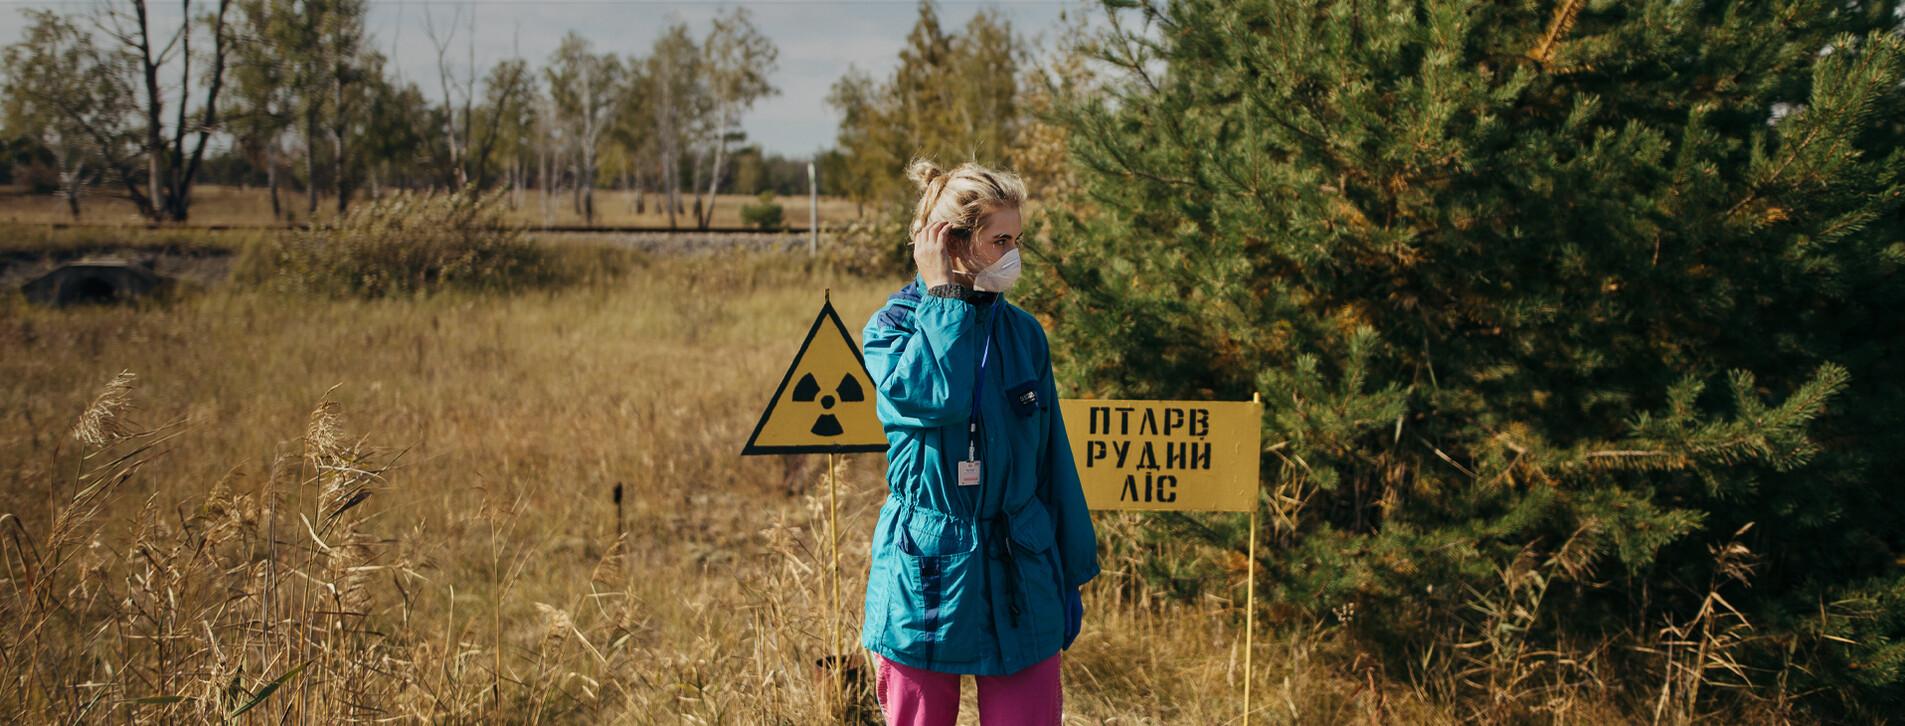 Фото 1 - Двухдневный тур в Чернобыль и Припять